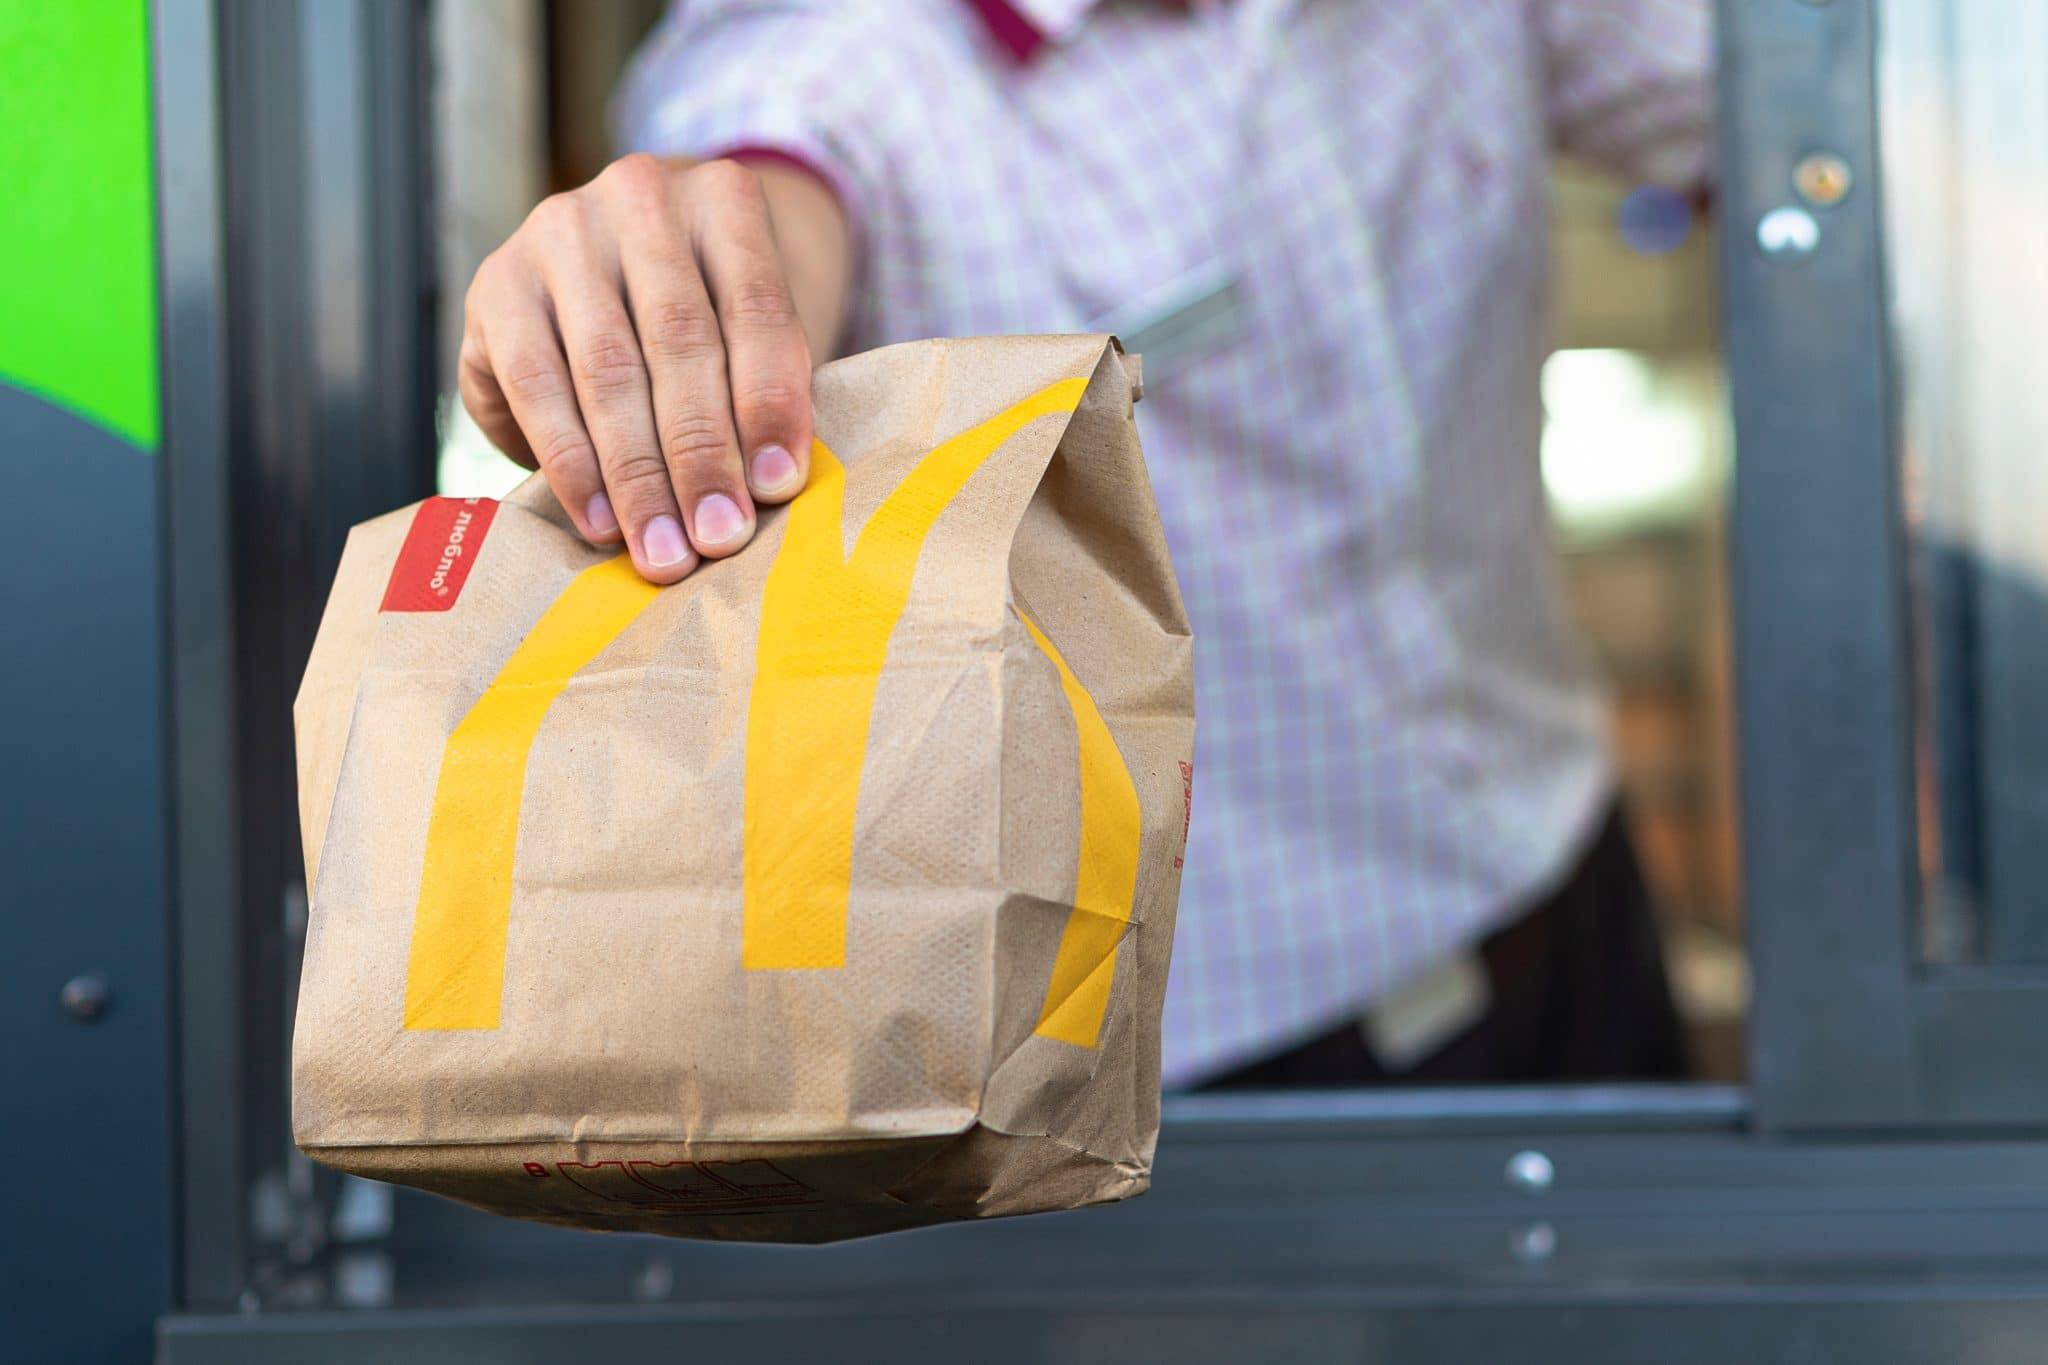 Warteschlangen-und-Streiteren-nach-%C3%96ffnung-von-McDonalds-scaled.jpg